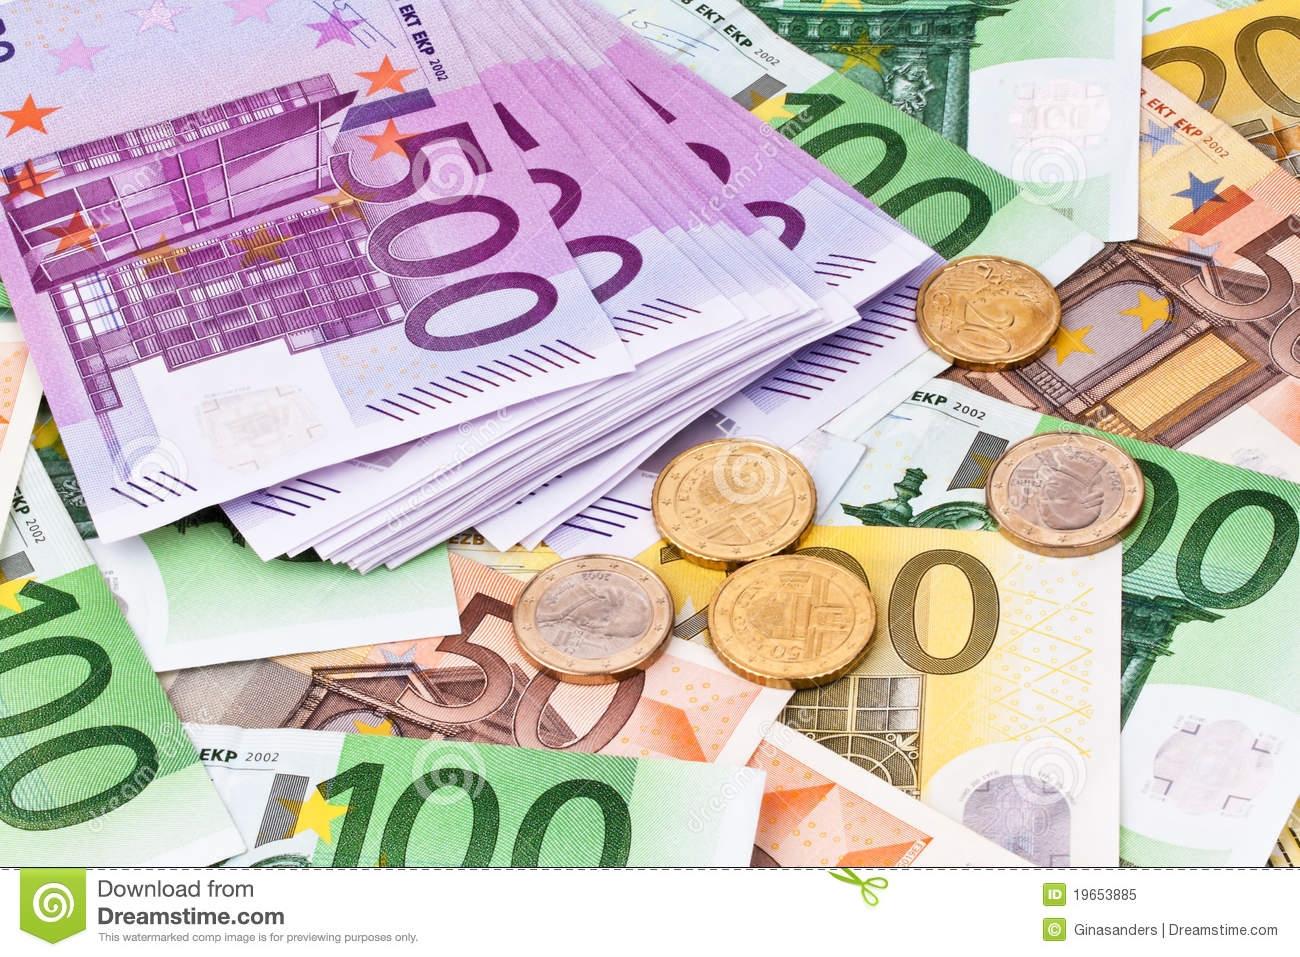 $ 3530 sans dépôt sur Casino.com